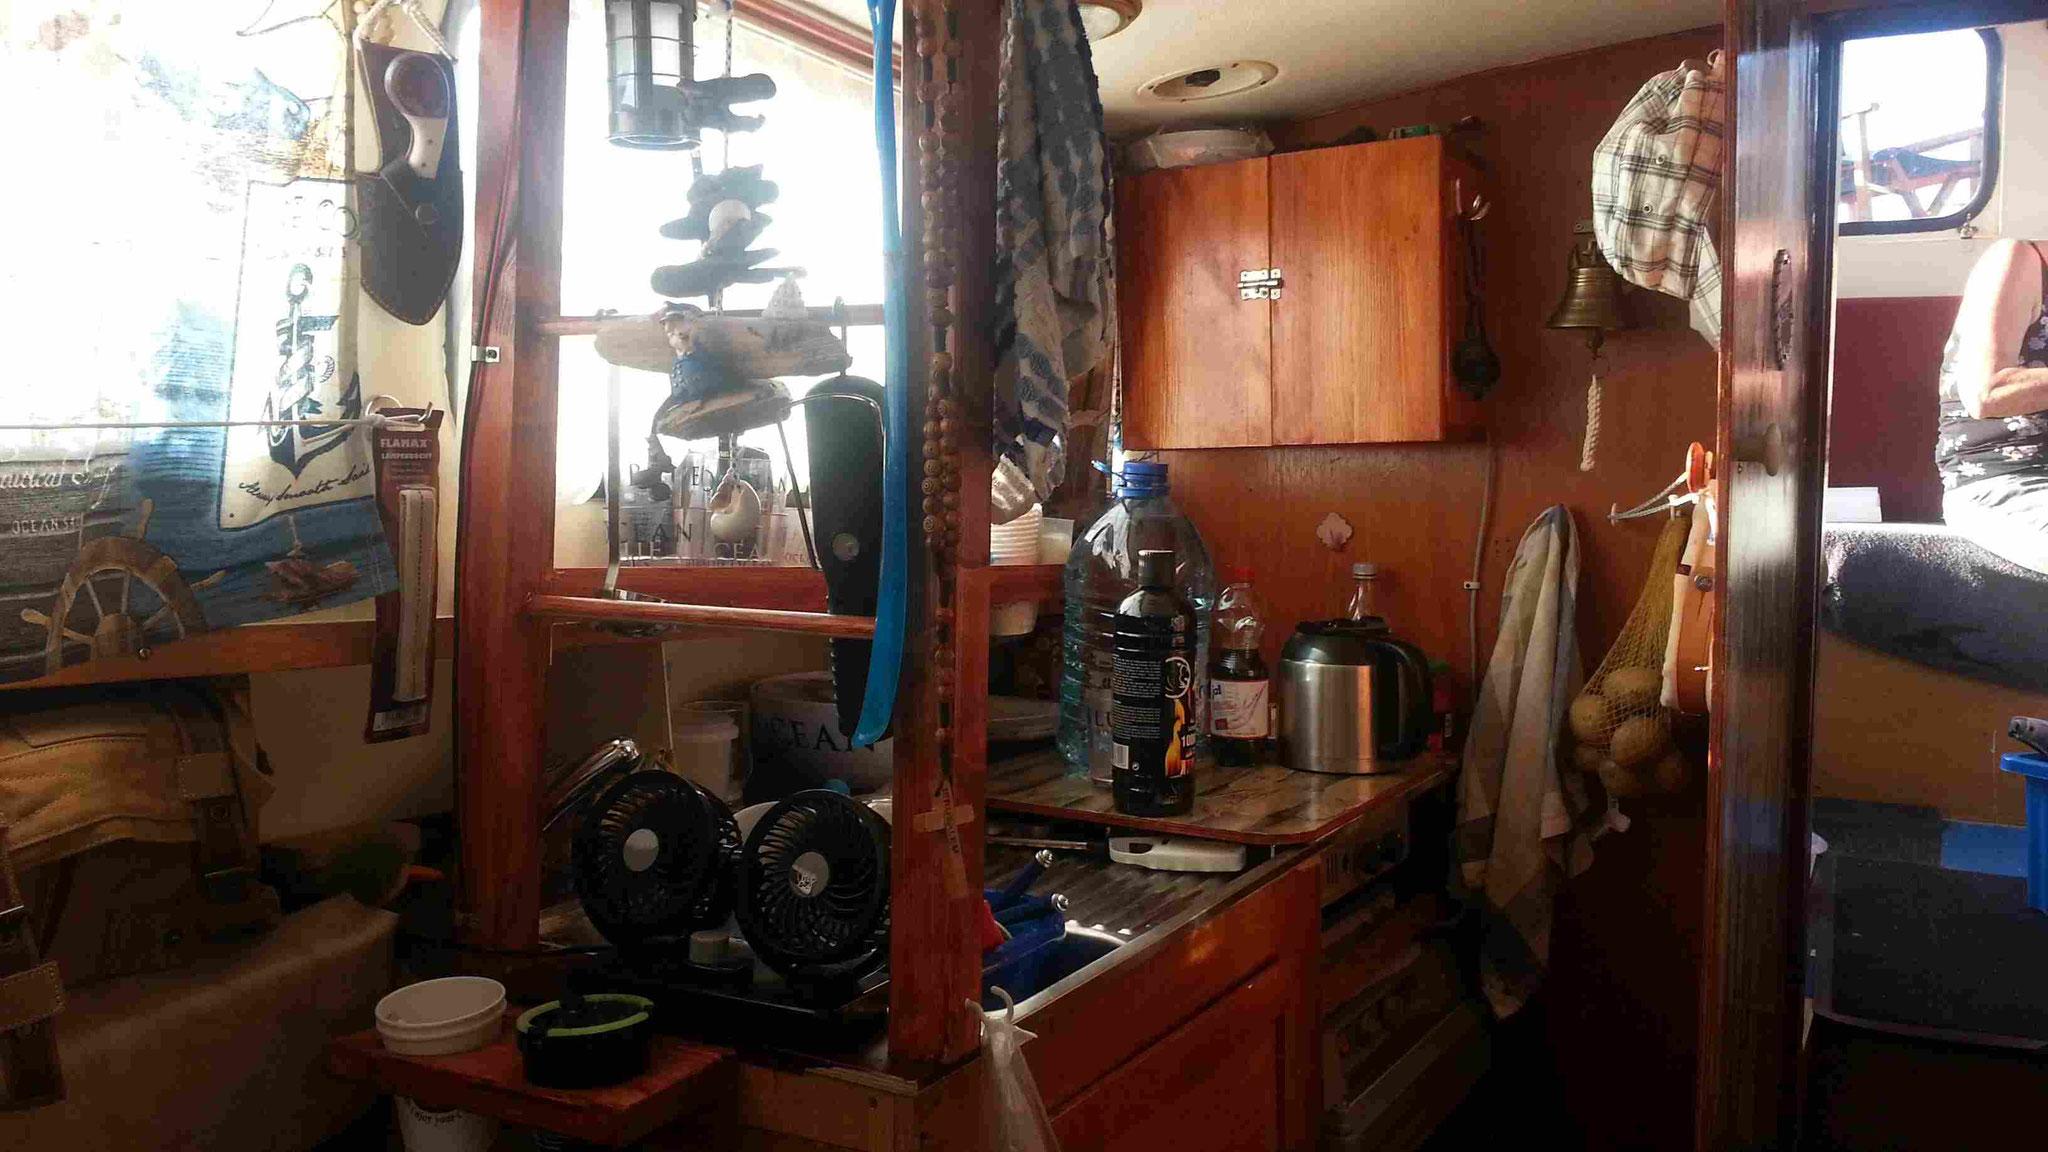 Küche mit Gewürzschrank, Regal und Halterung für Gläser, Tassen und Besteck